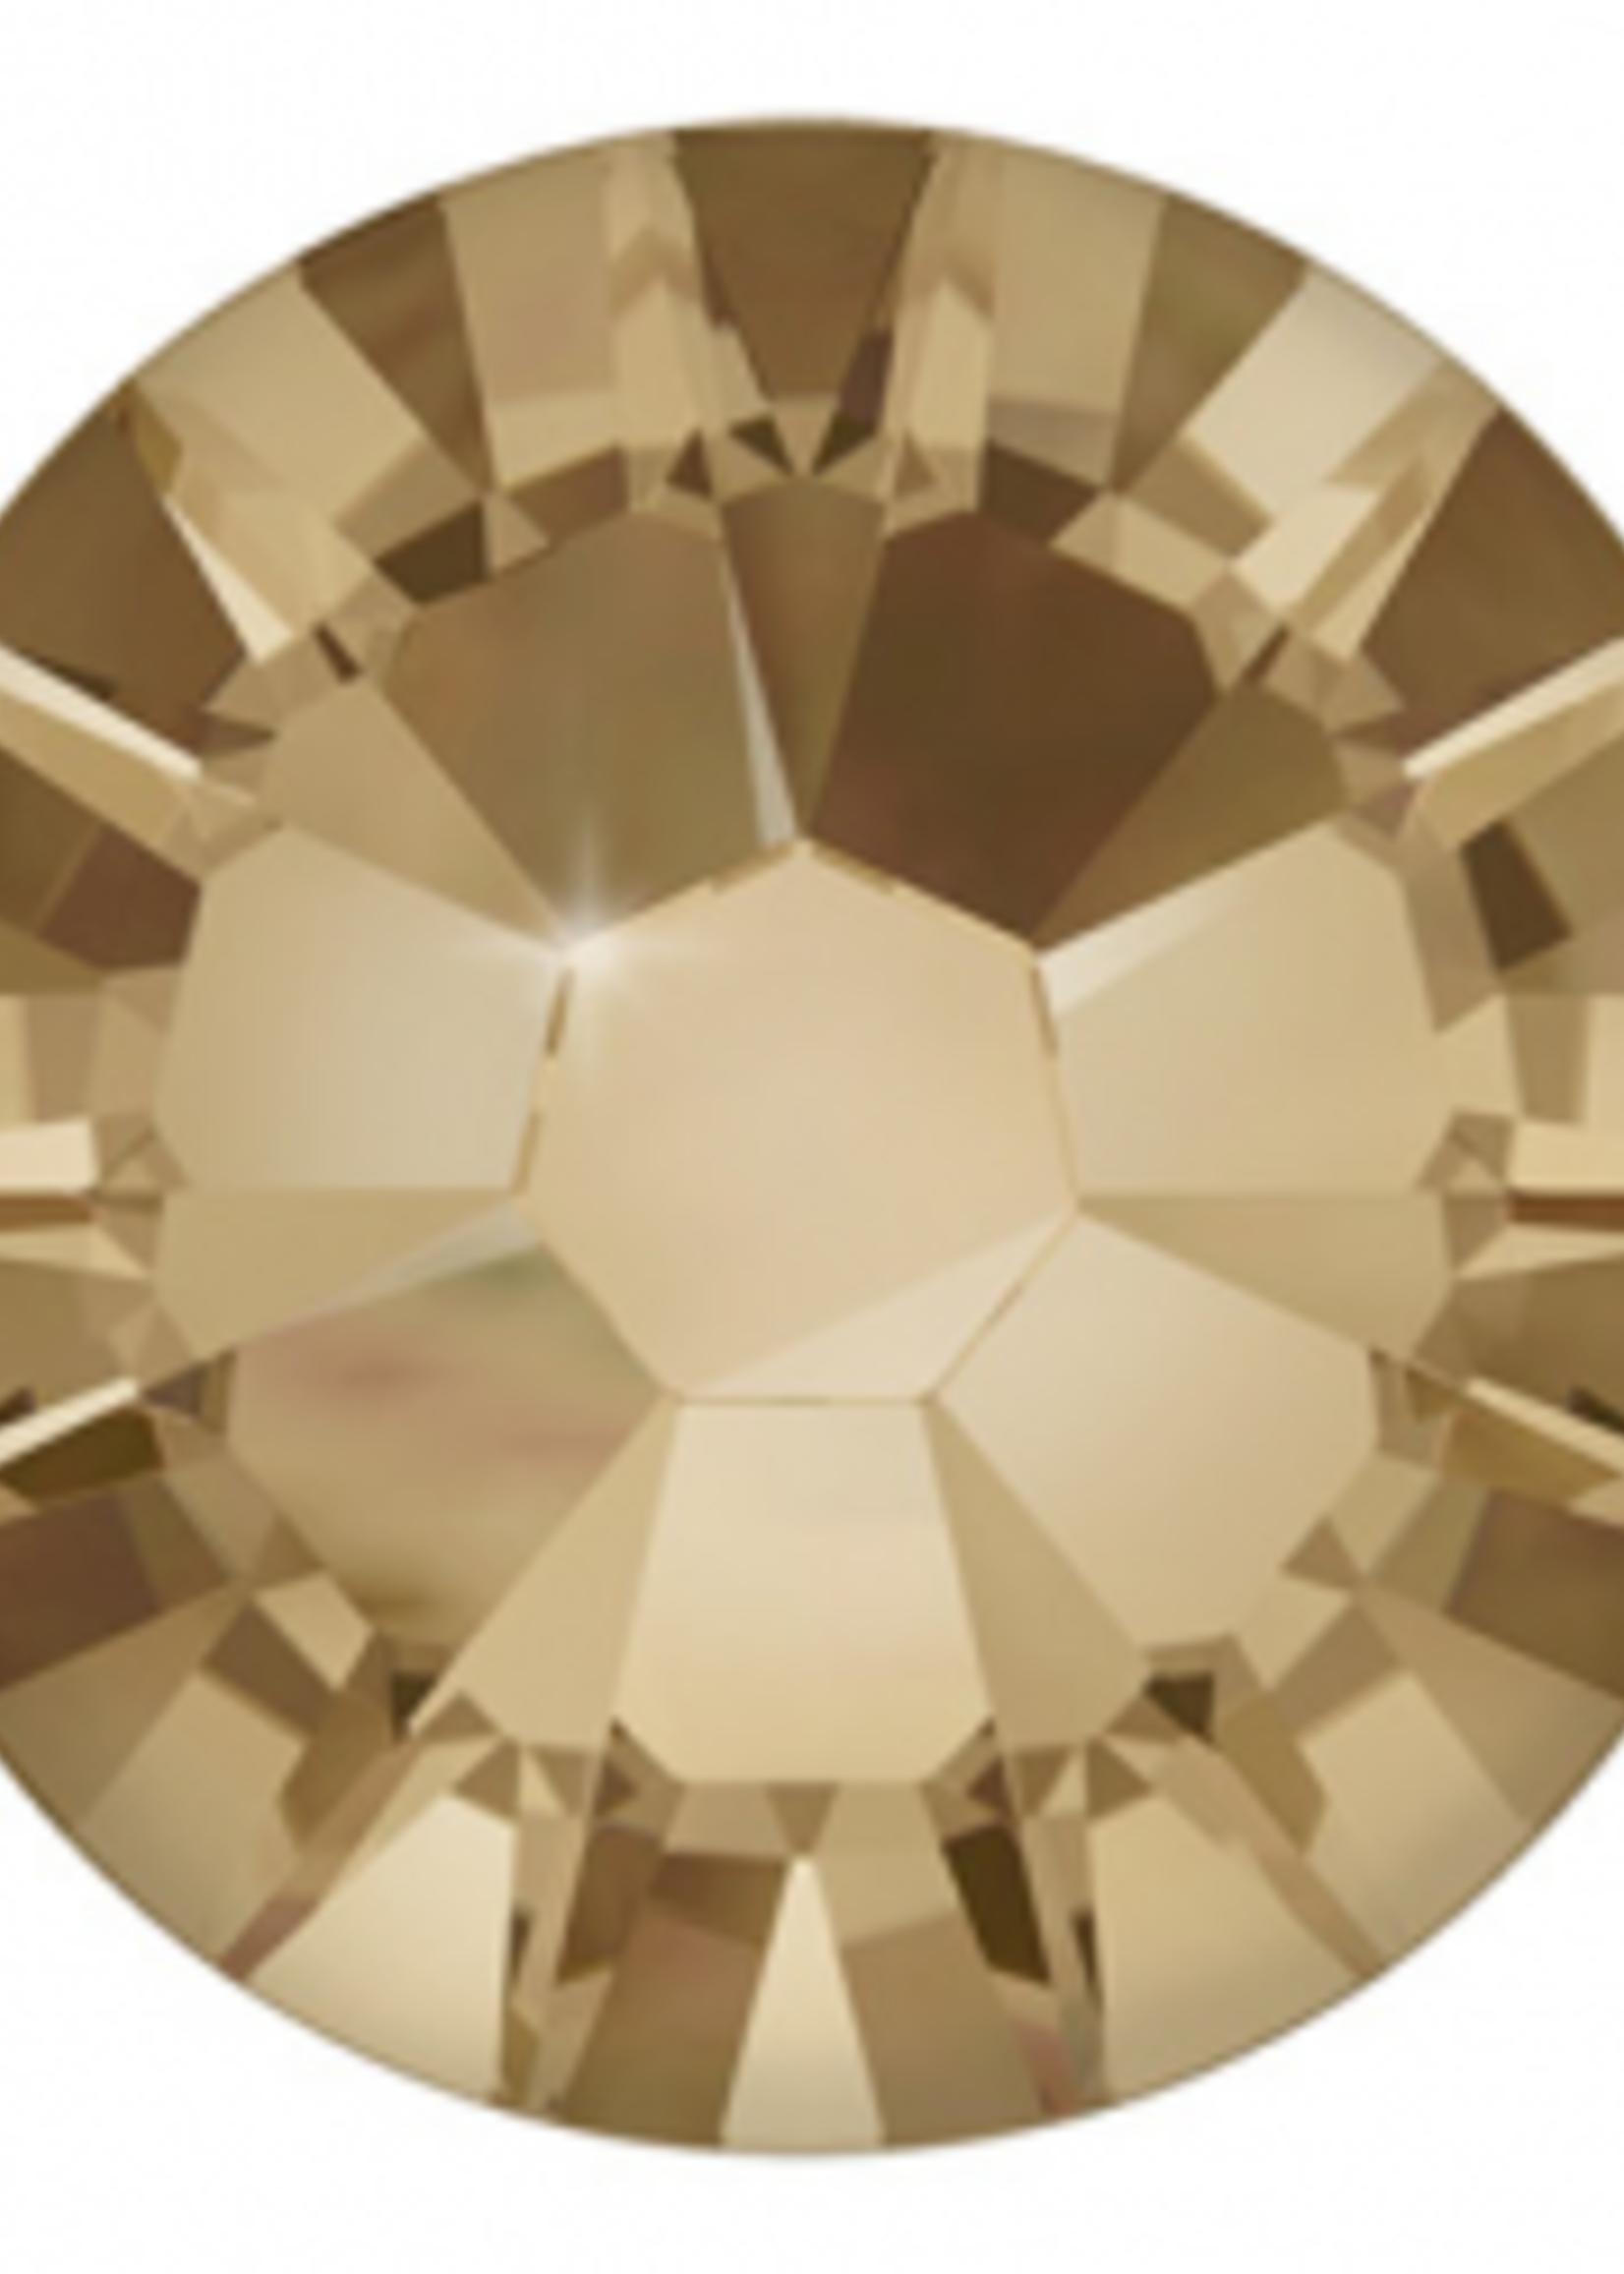 Swarovski Swarovski Crystal Golden Shadow 1.75 mm